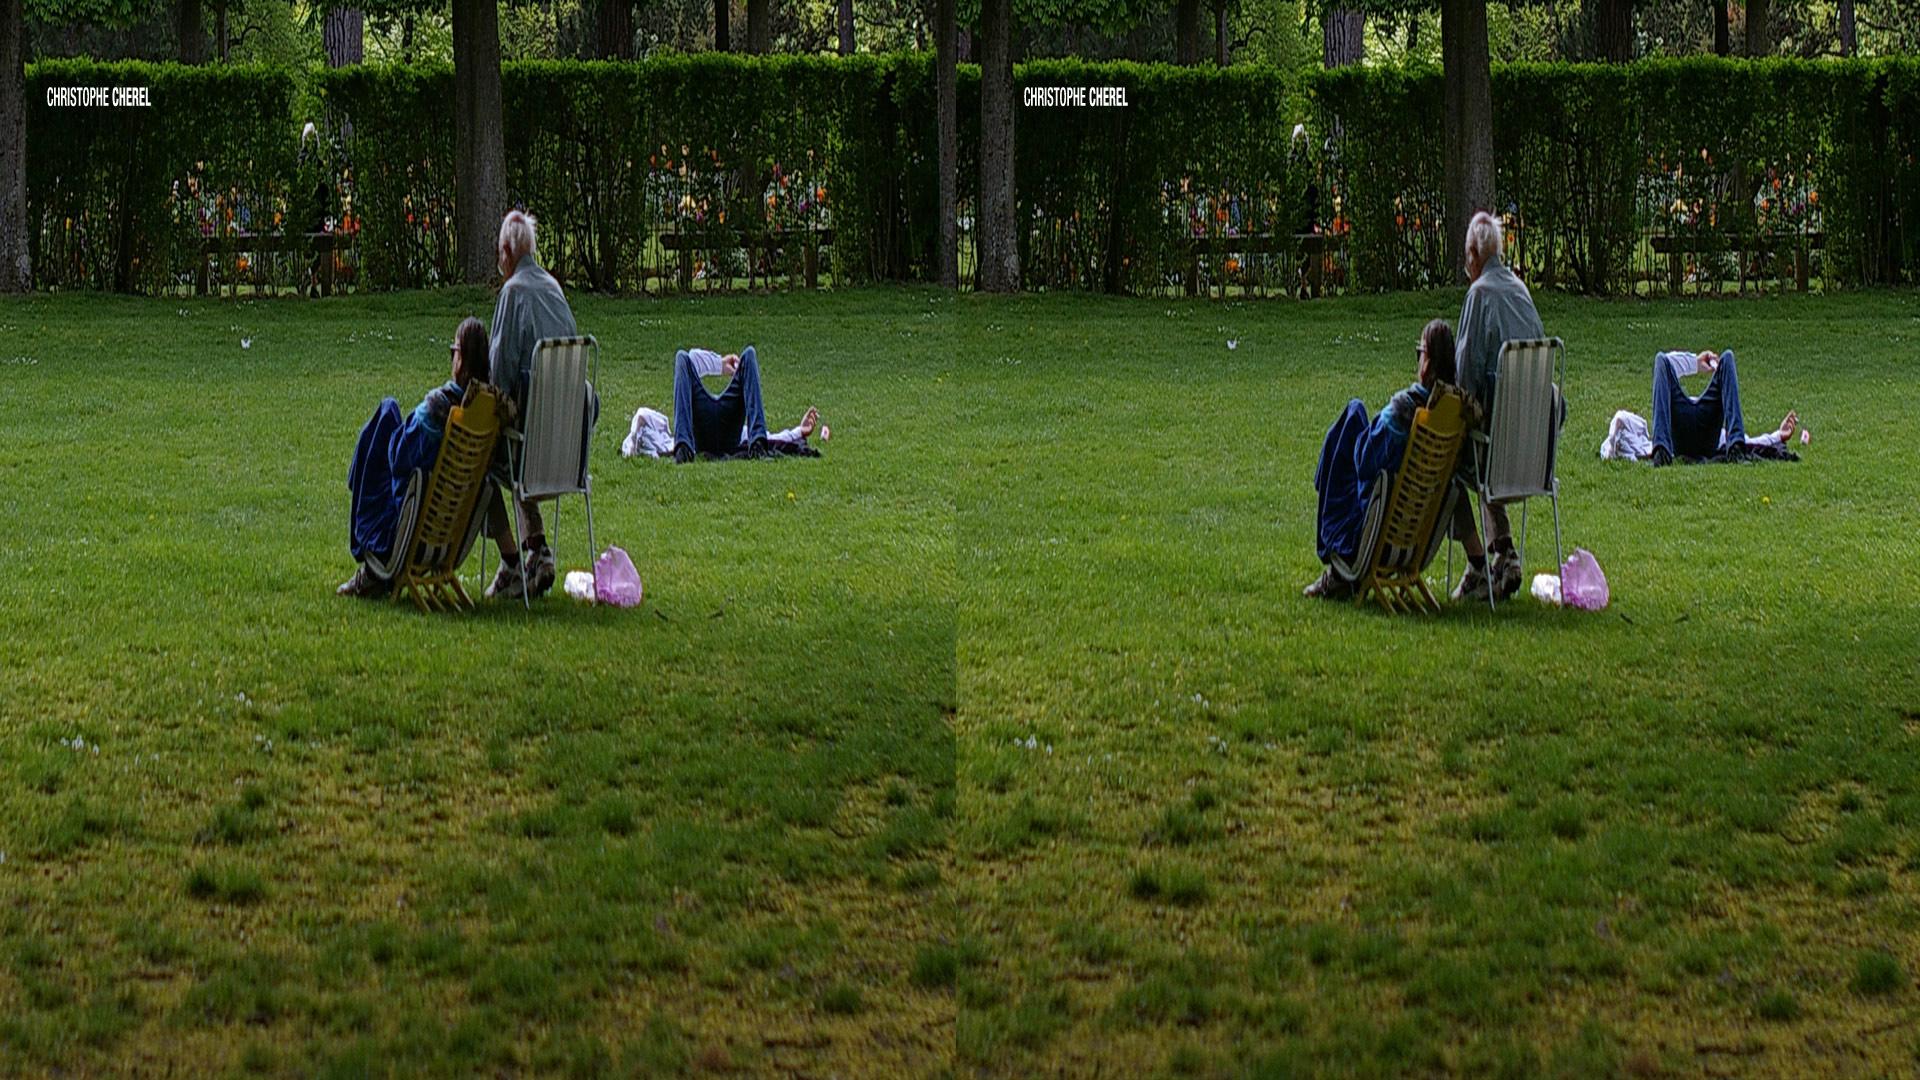 parc - Comment faire des photos 3D avec un appareil photo classique